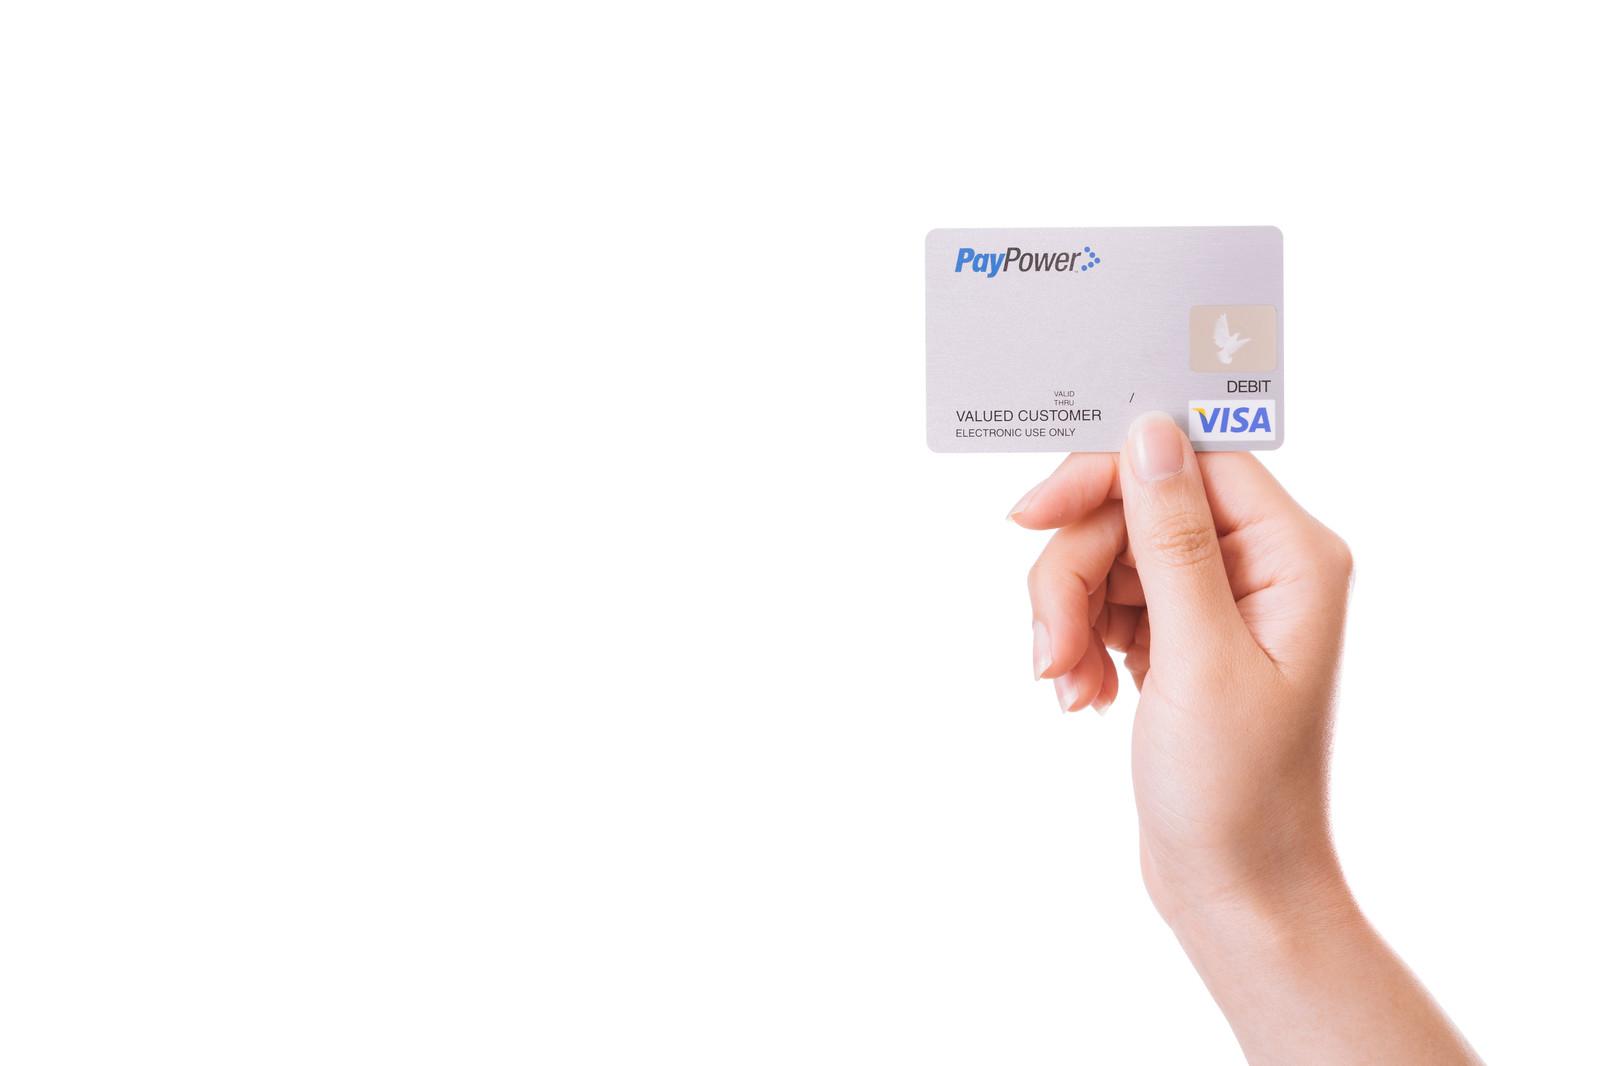 クレジットカードを他人に貸す